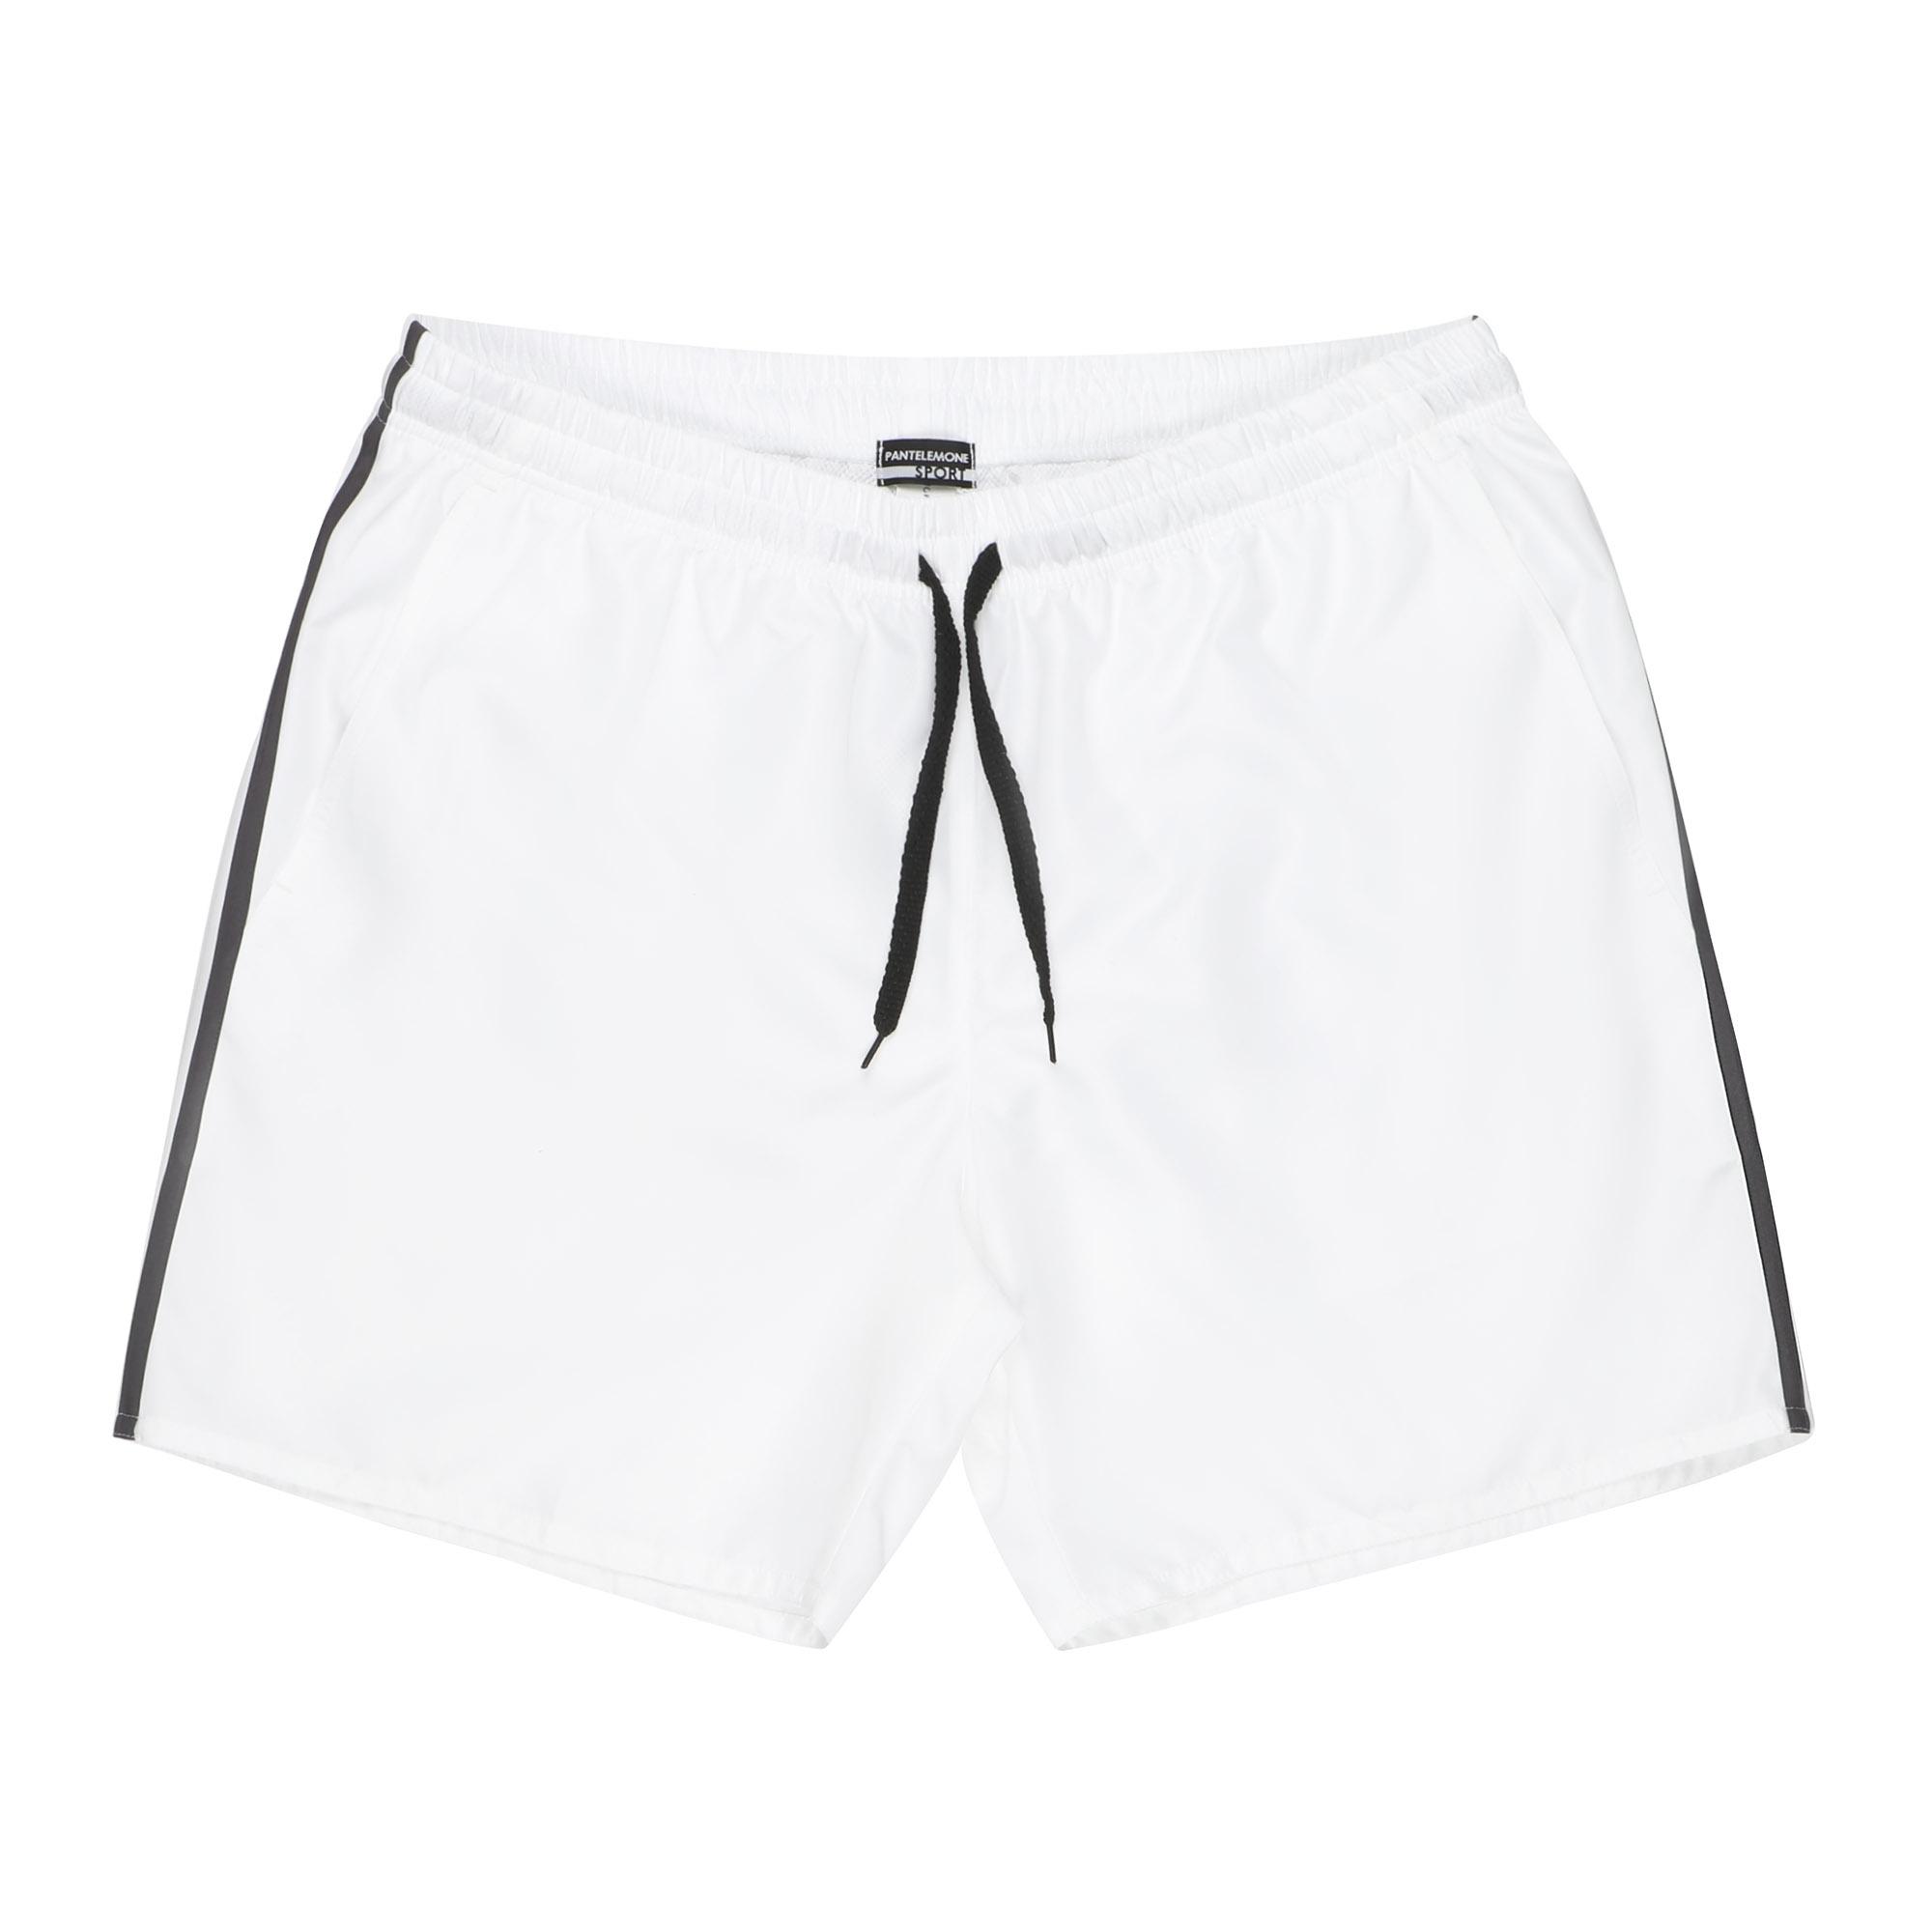 Пляжные шорты Pantelemone 50 белые